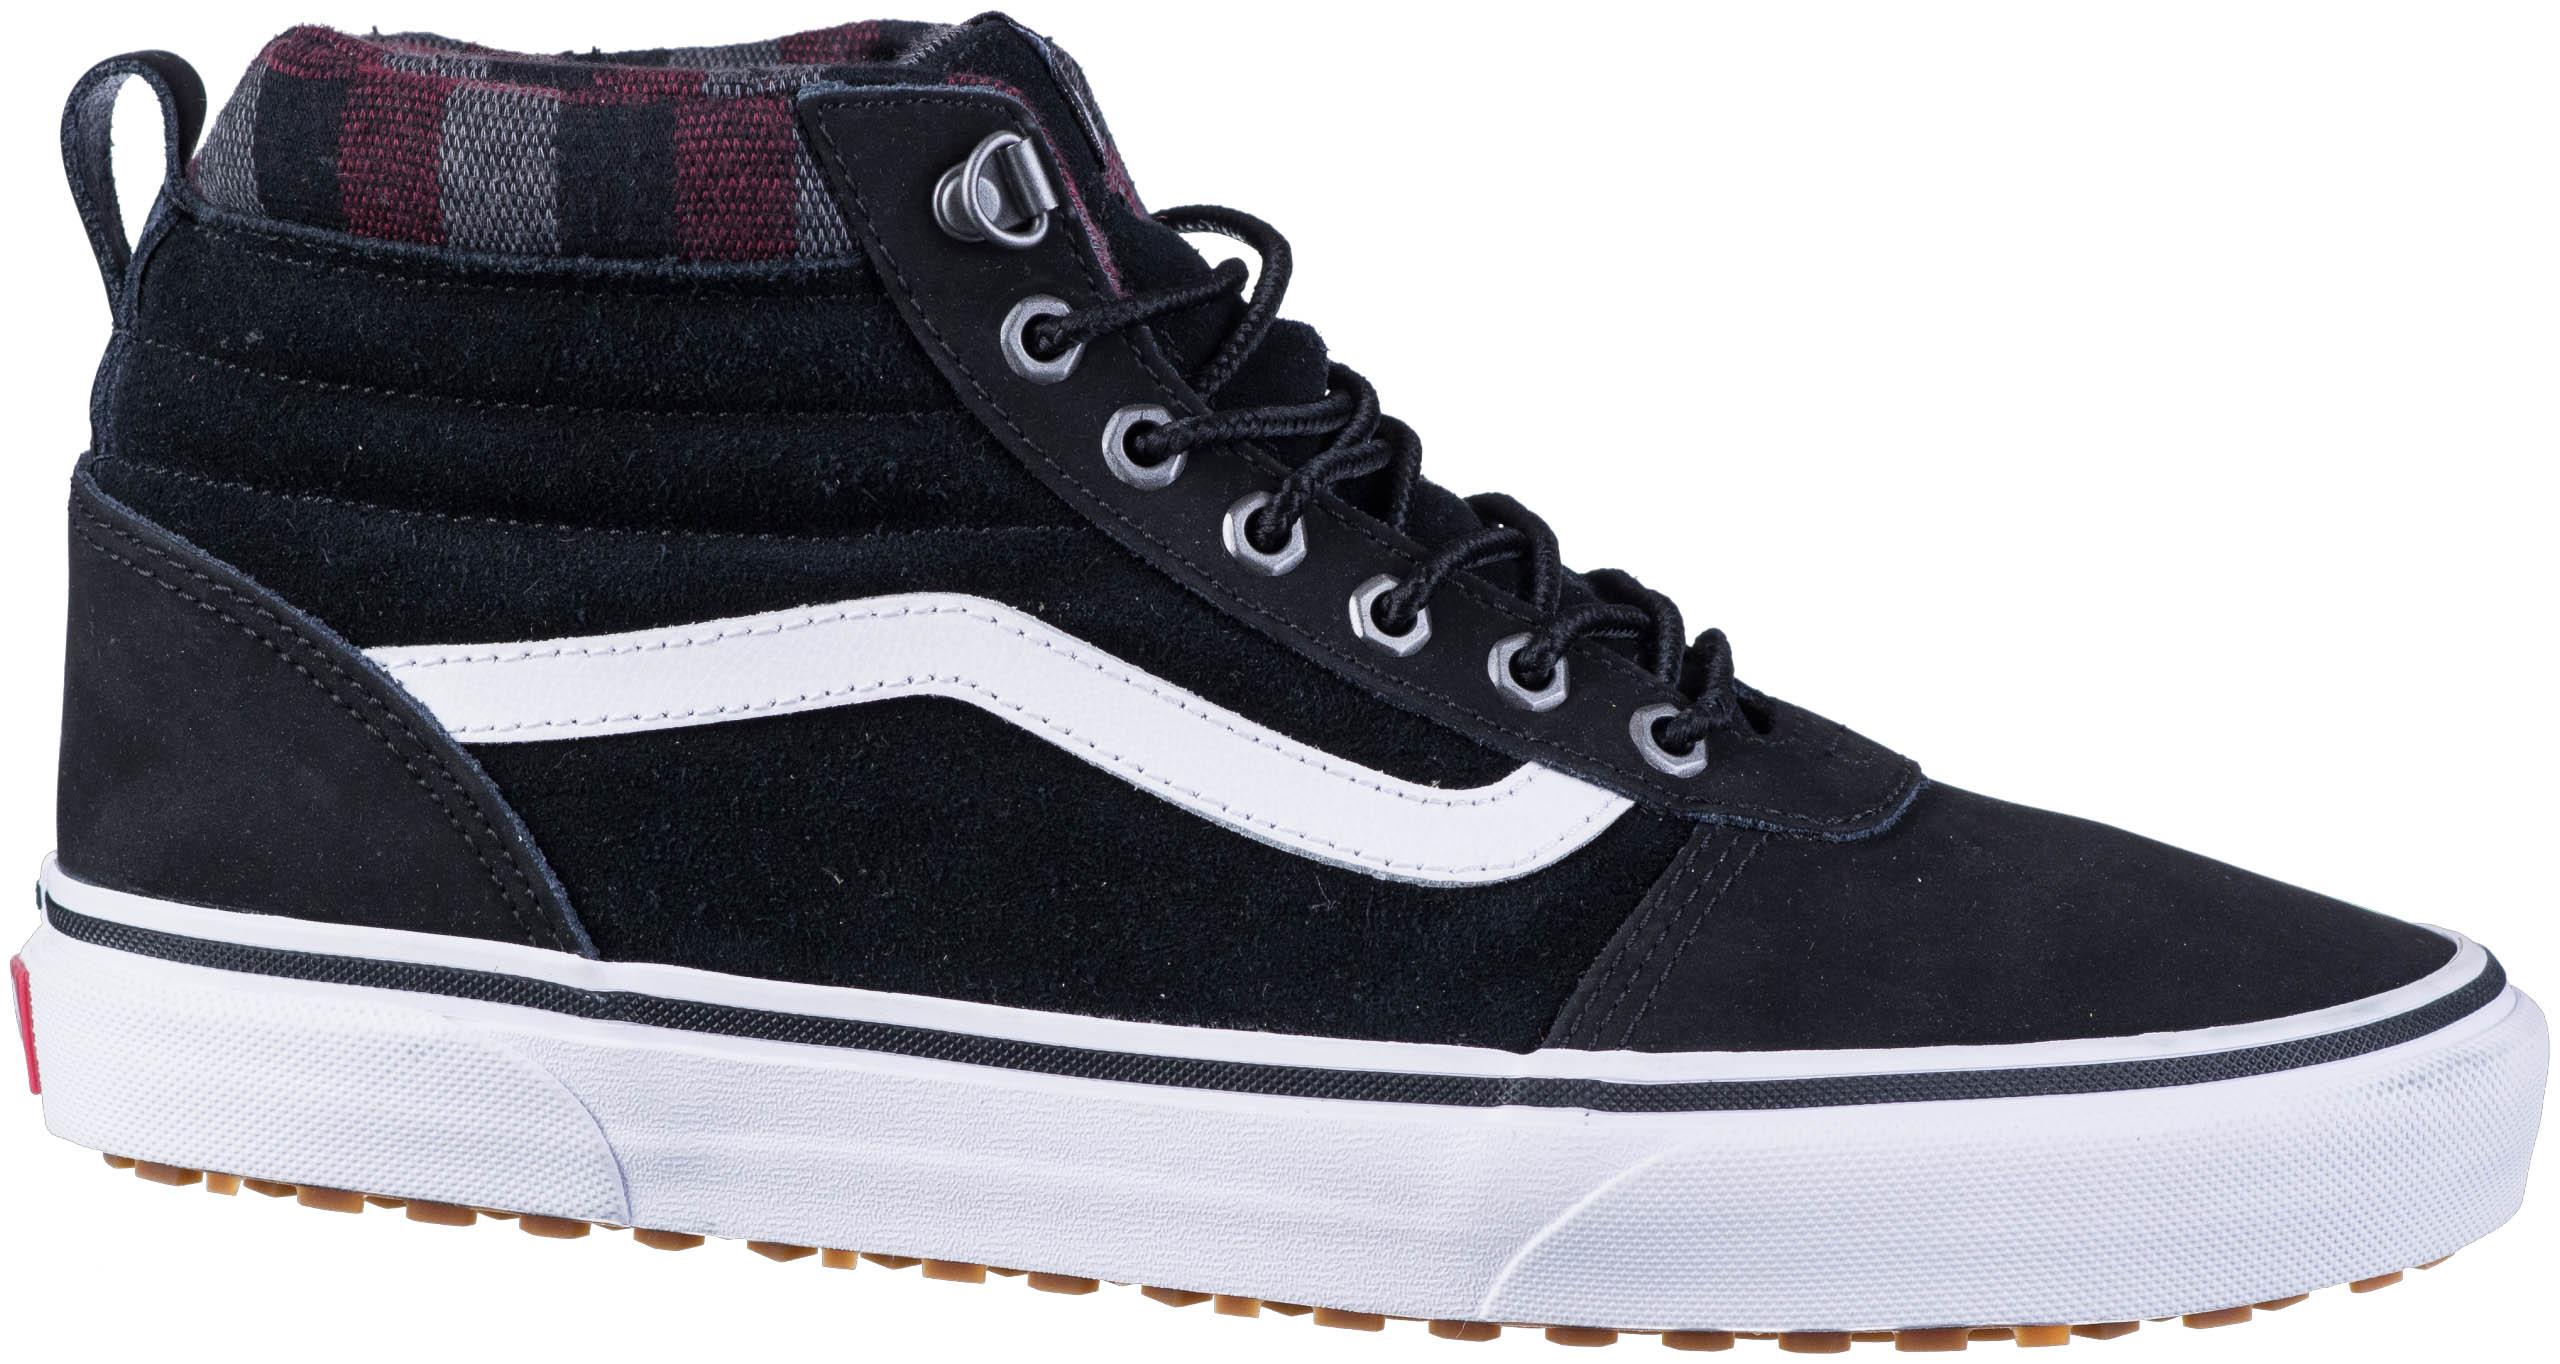 VANS Ward Hi MTE Sneaker blackplaid